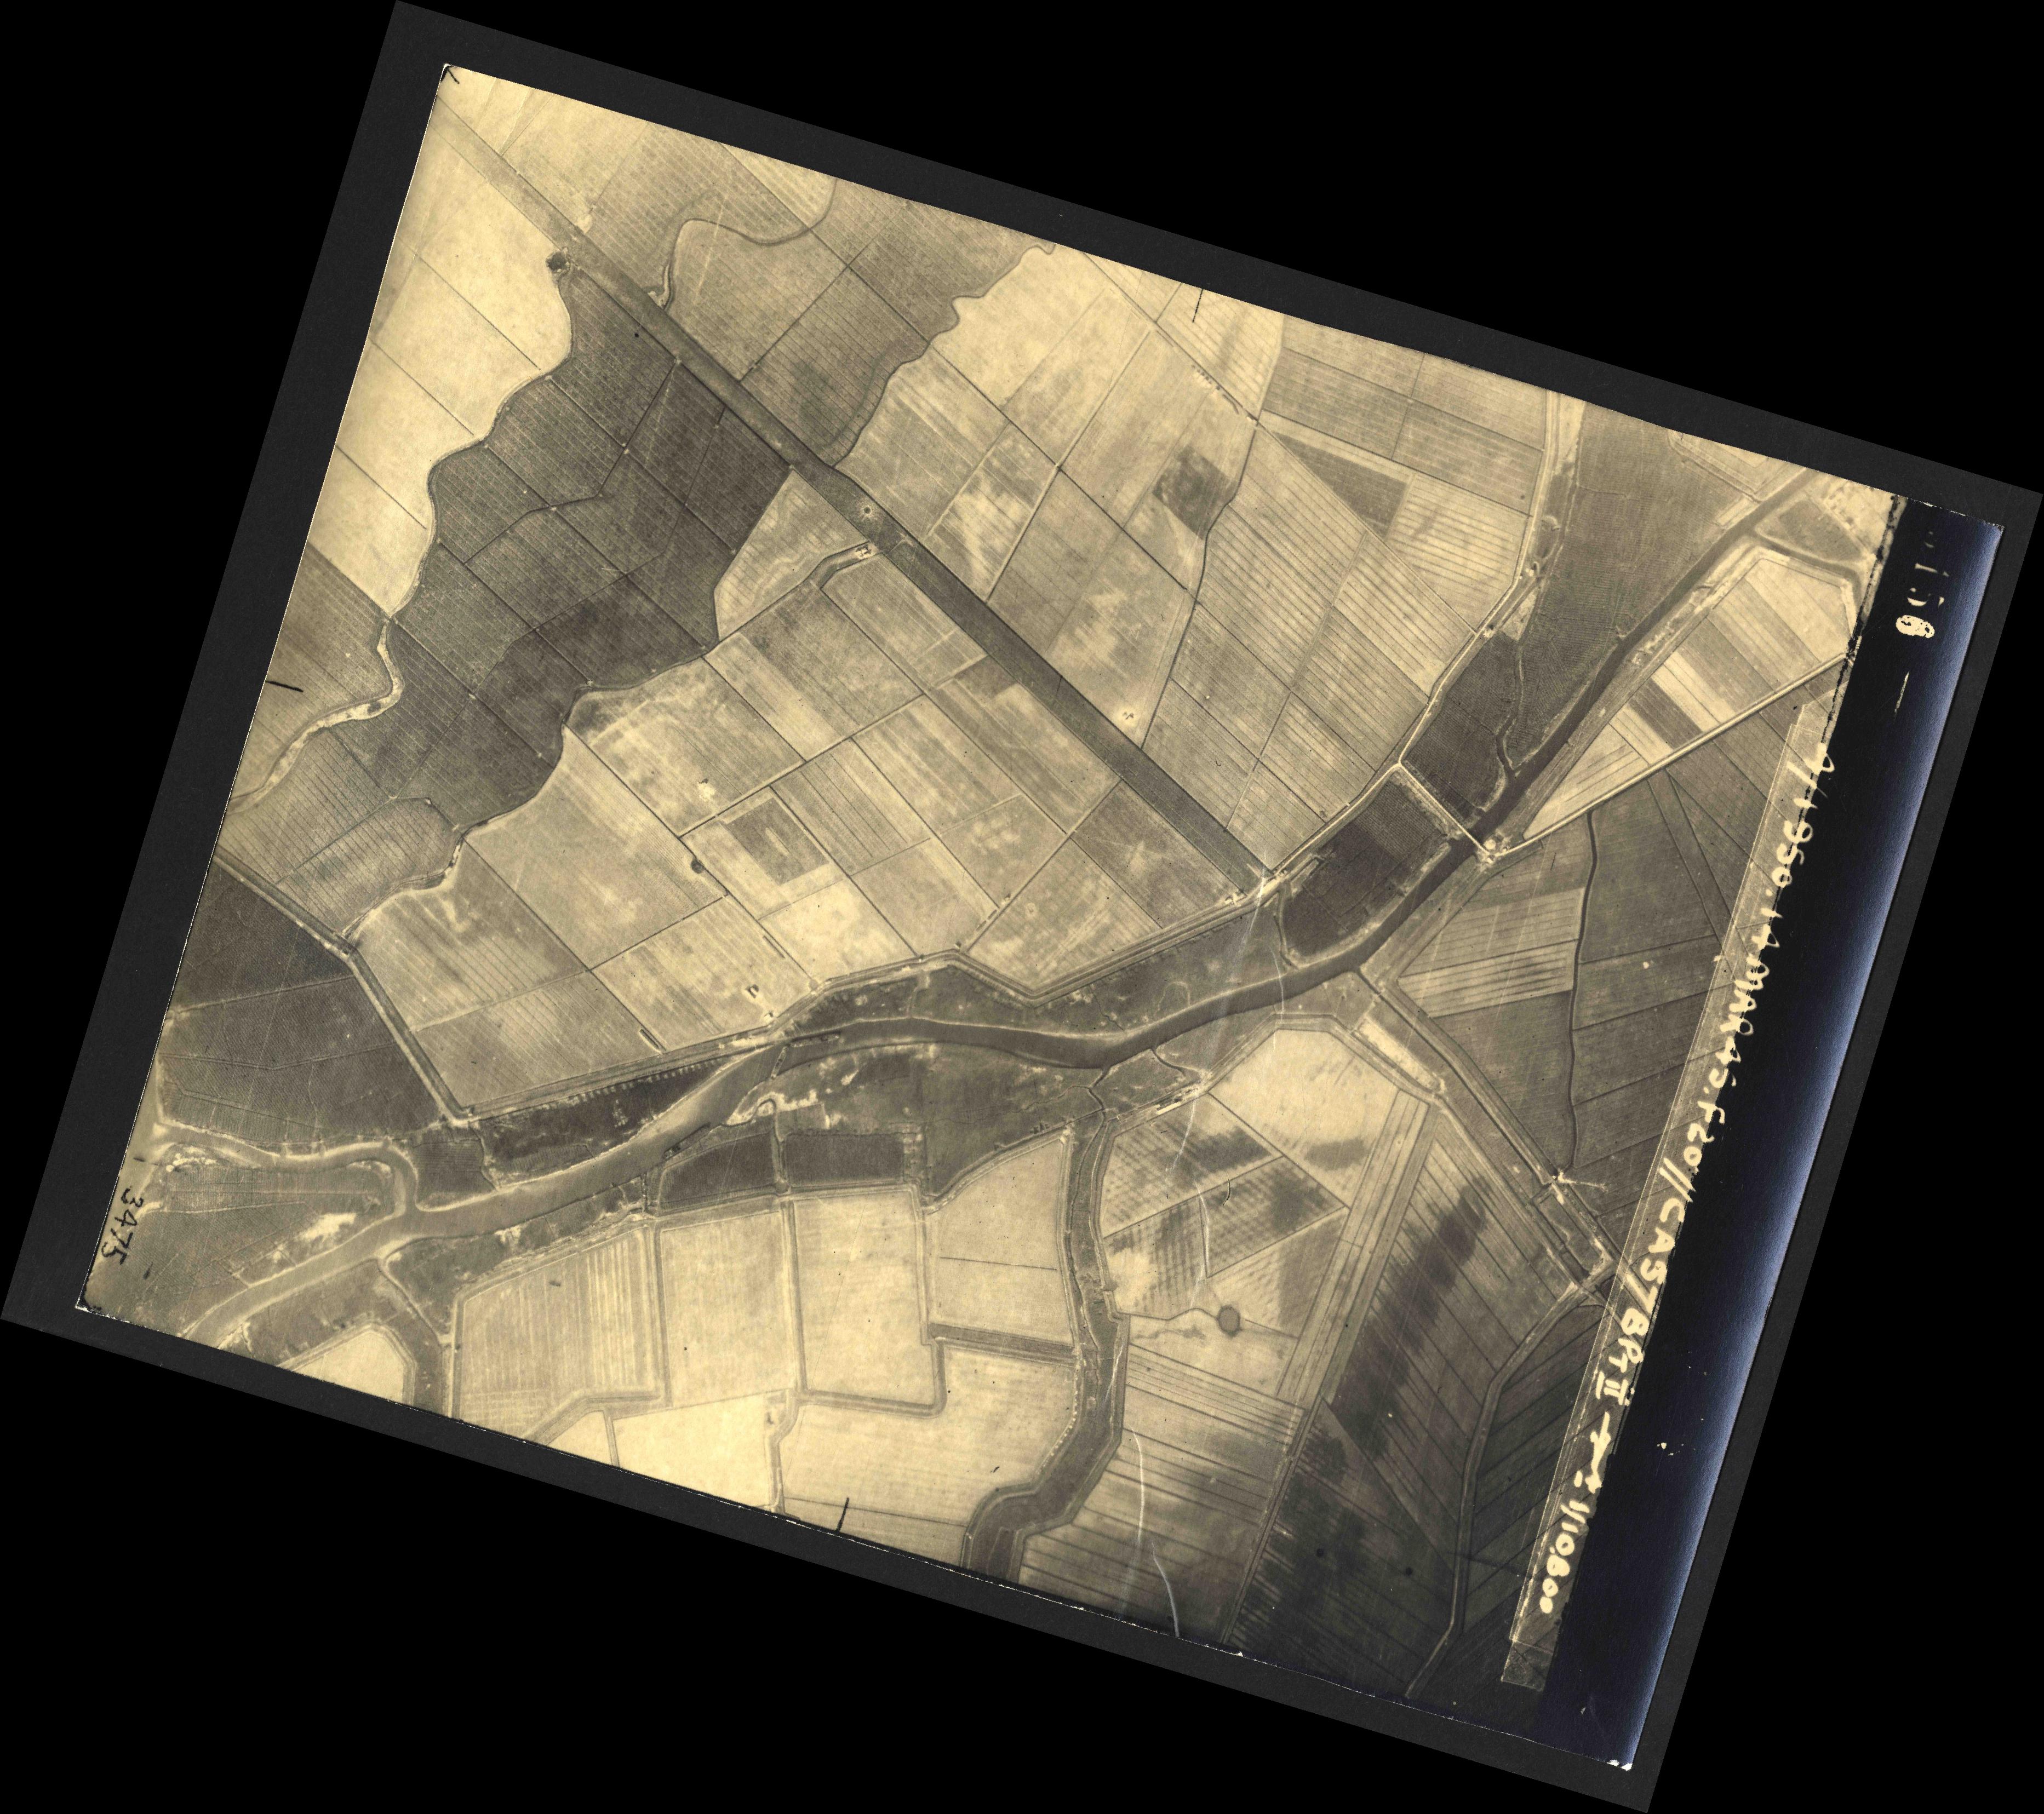 Collection RAF aerial photos 1940-1945 - flight 010, run 12, photo 3156